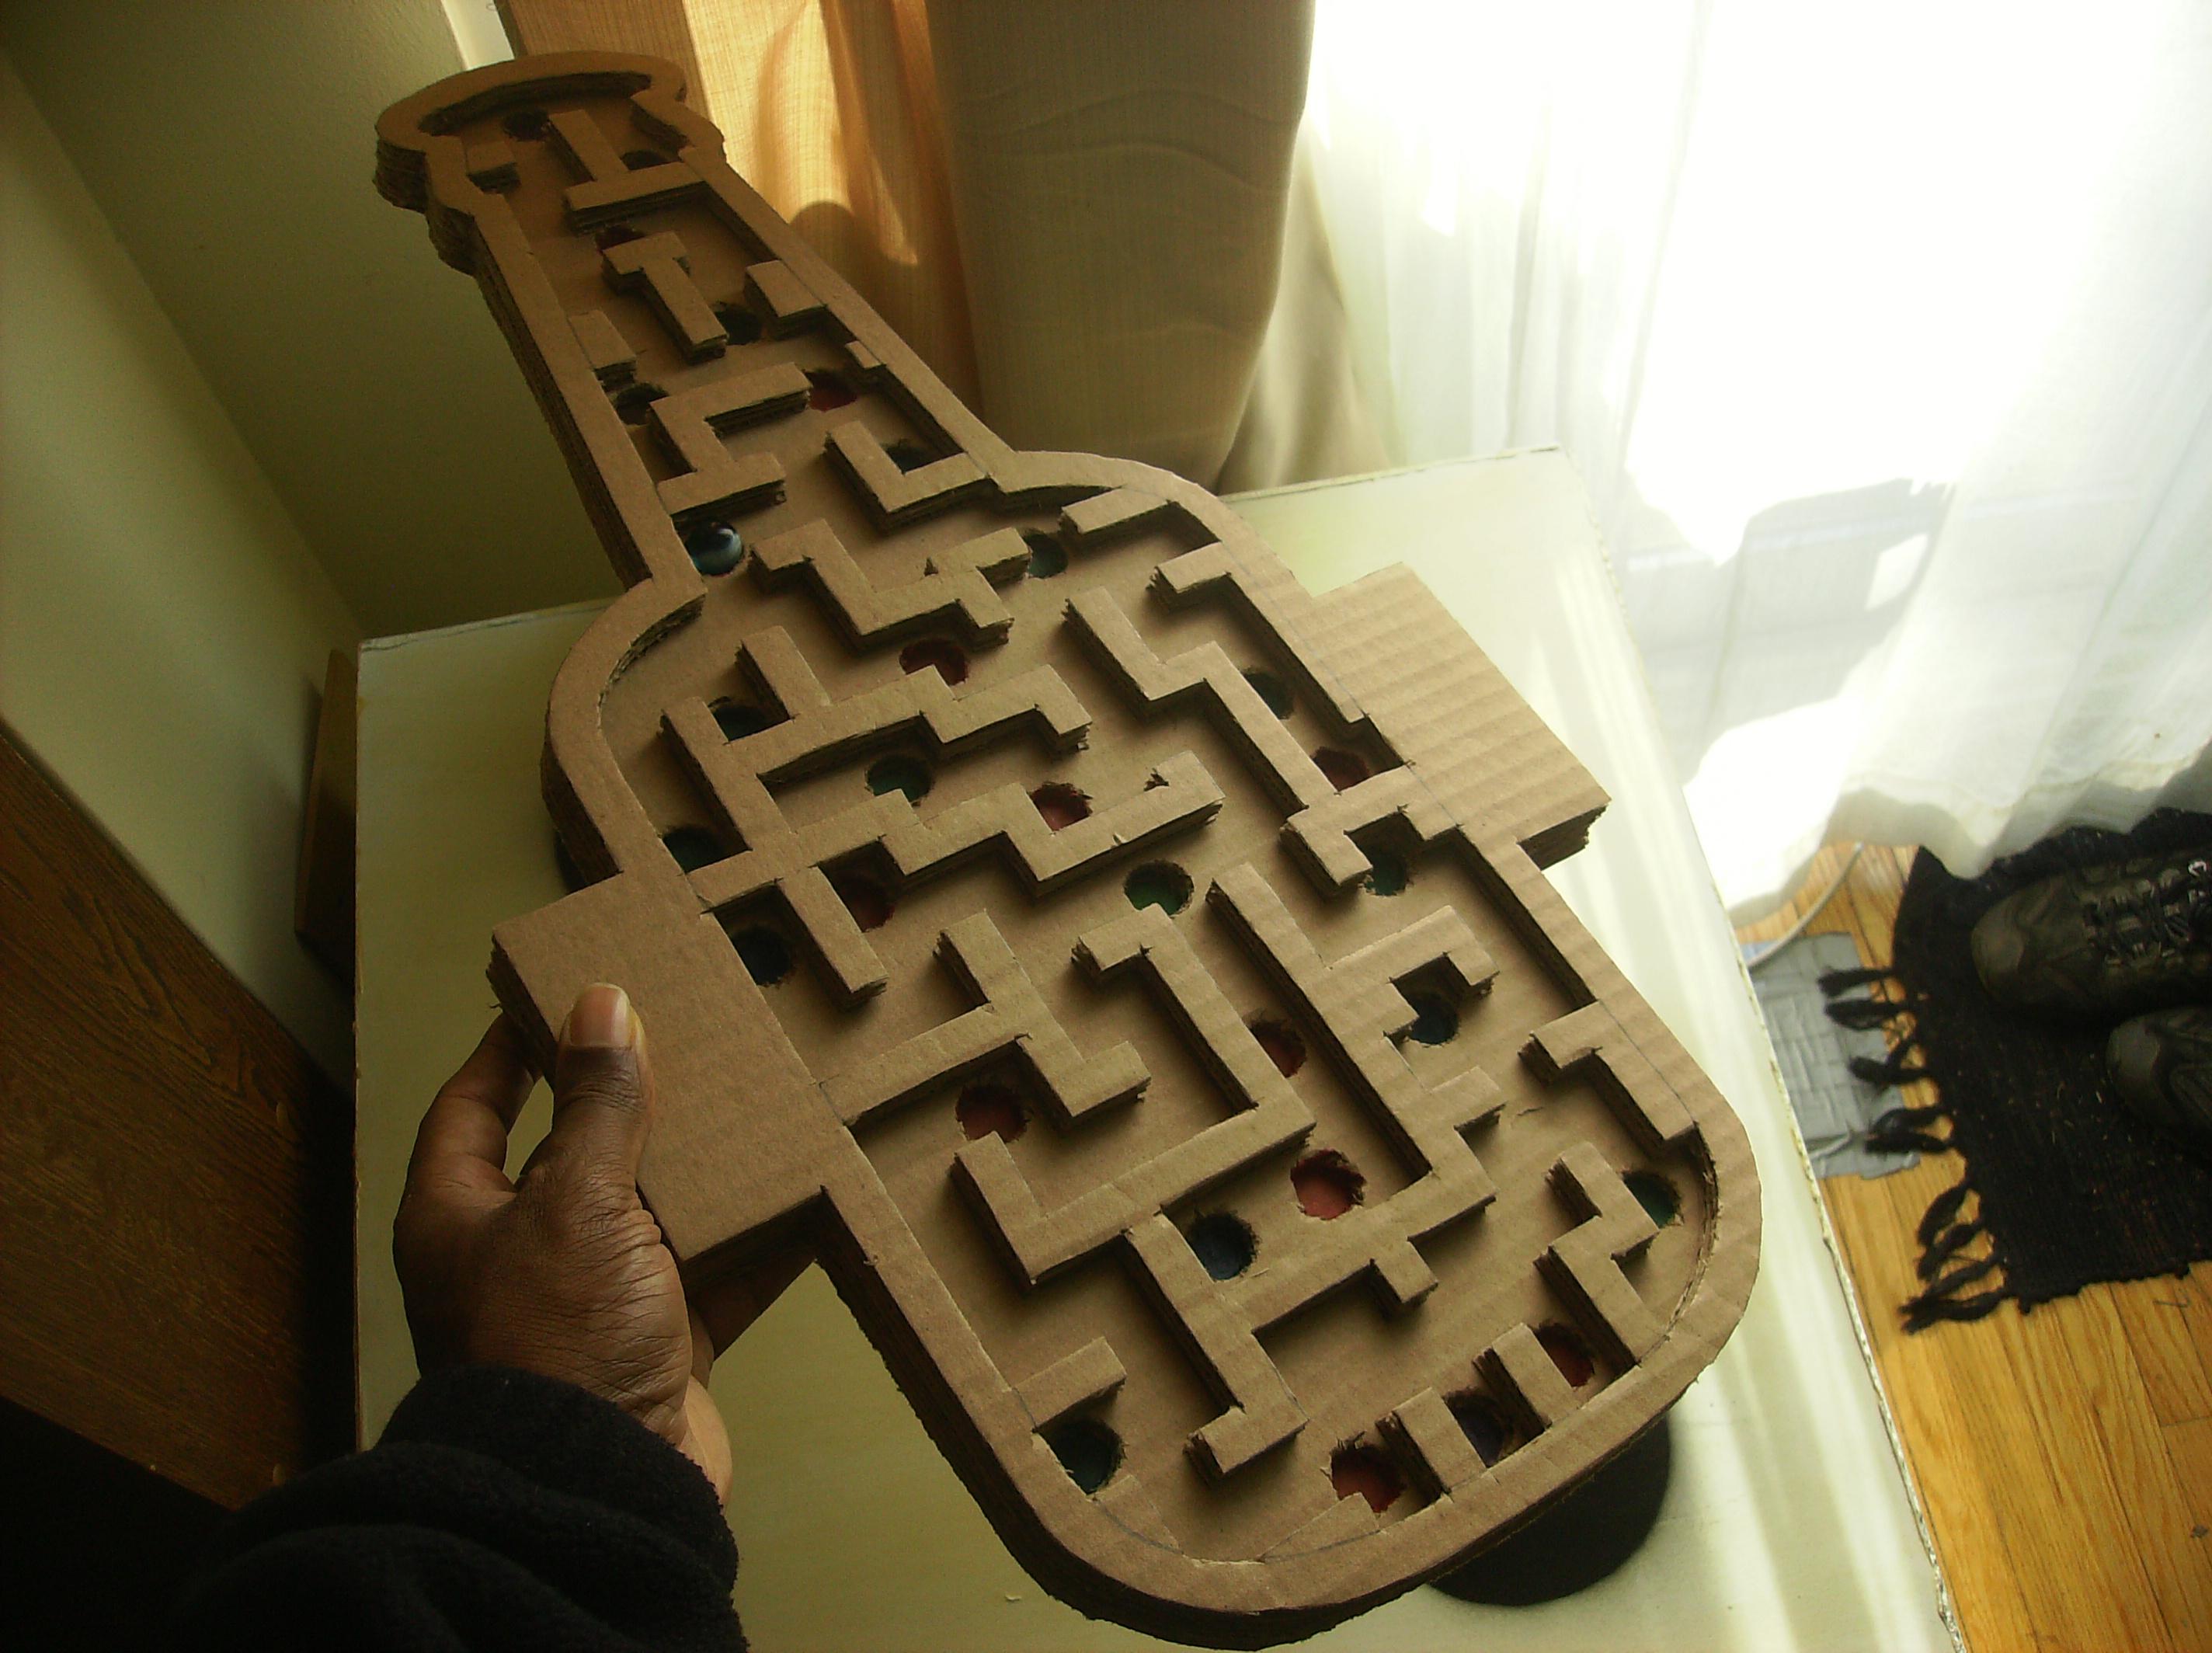 The handheld handmade marble maze game